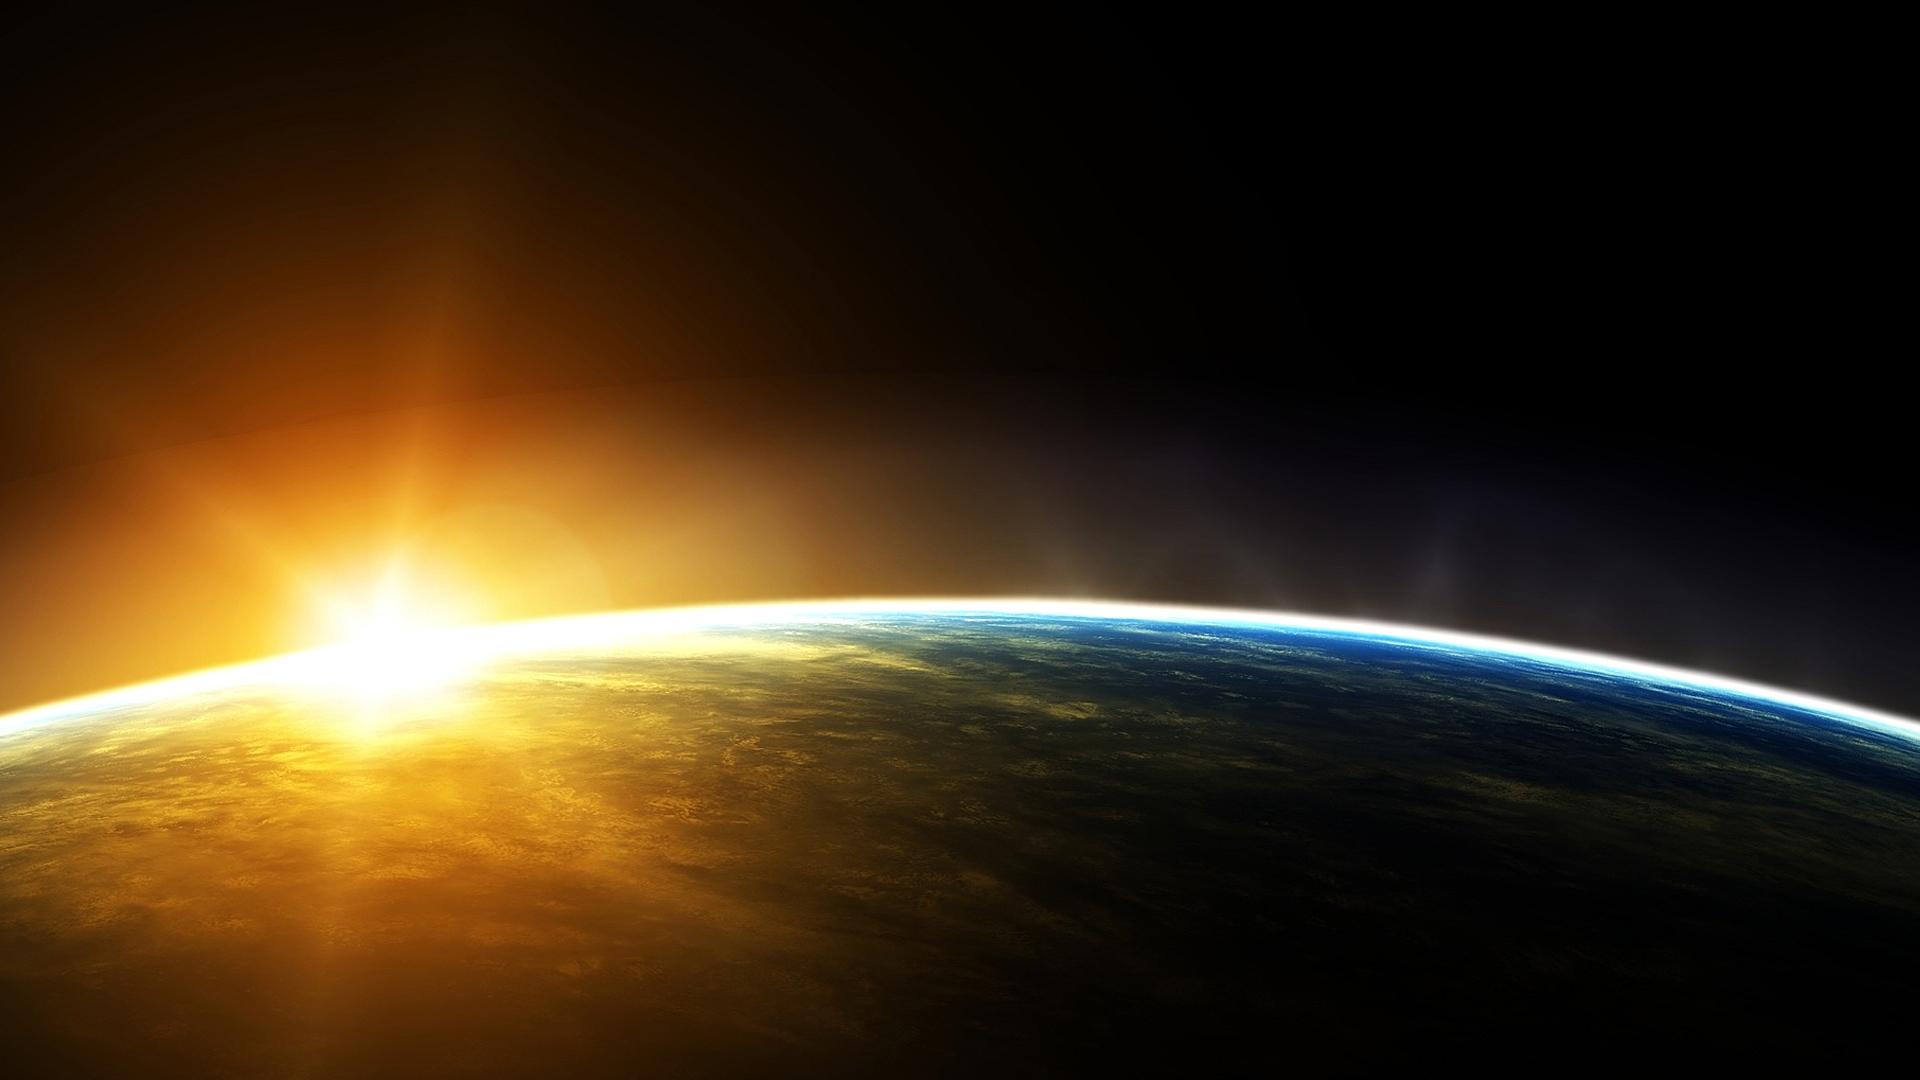 земля, орбита, солнце